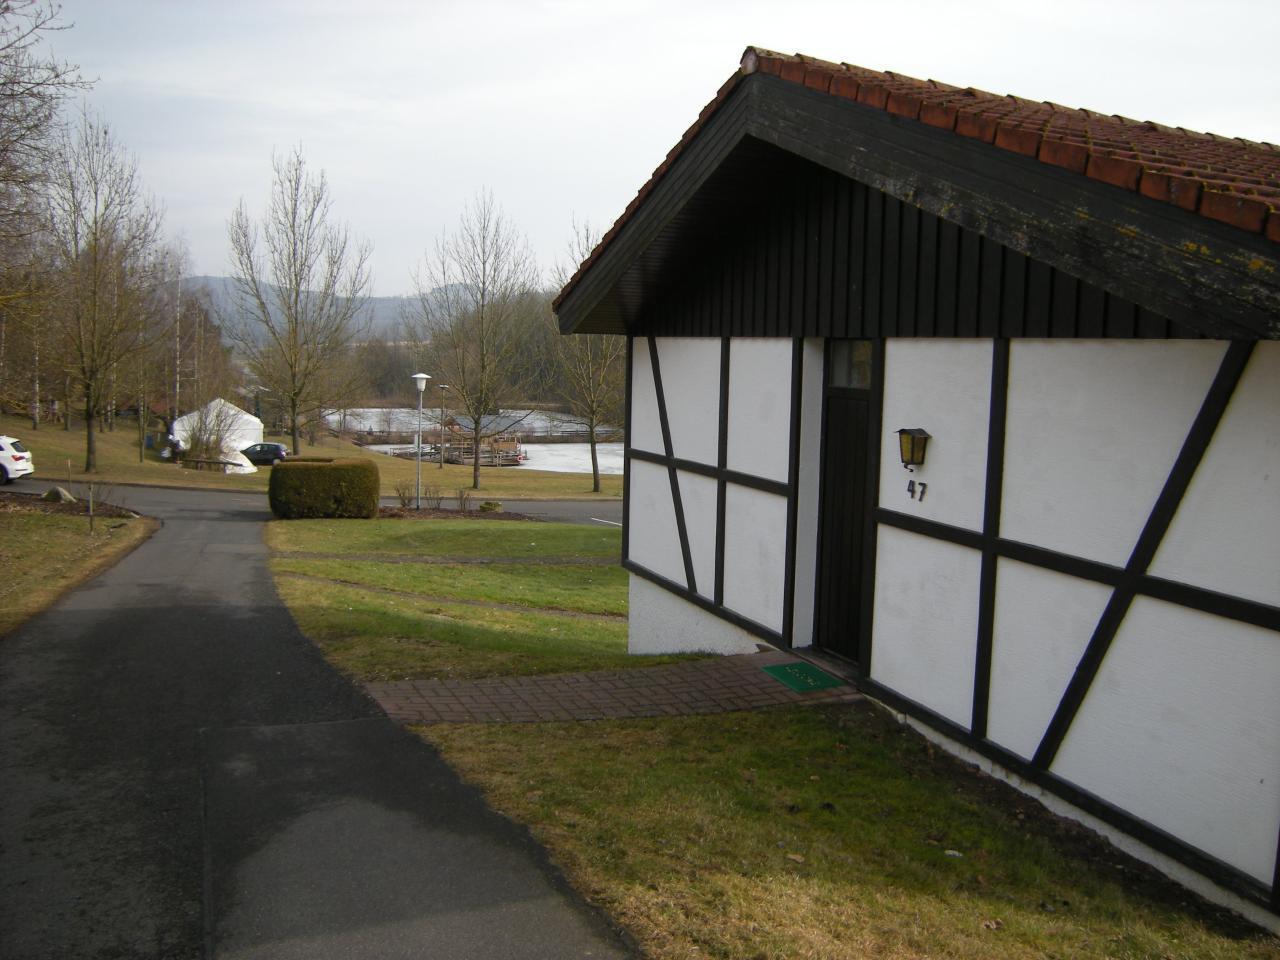 Ferienhaus Bugalow Type B für max. 6 Personen (761038), Dipperz, Rhön (Hessen), Hessen, Deutschland, Bild 12